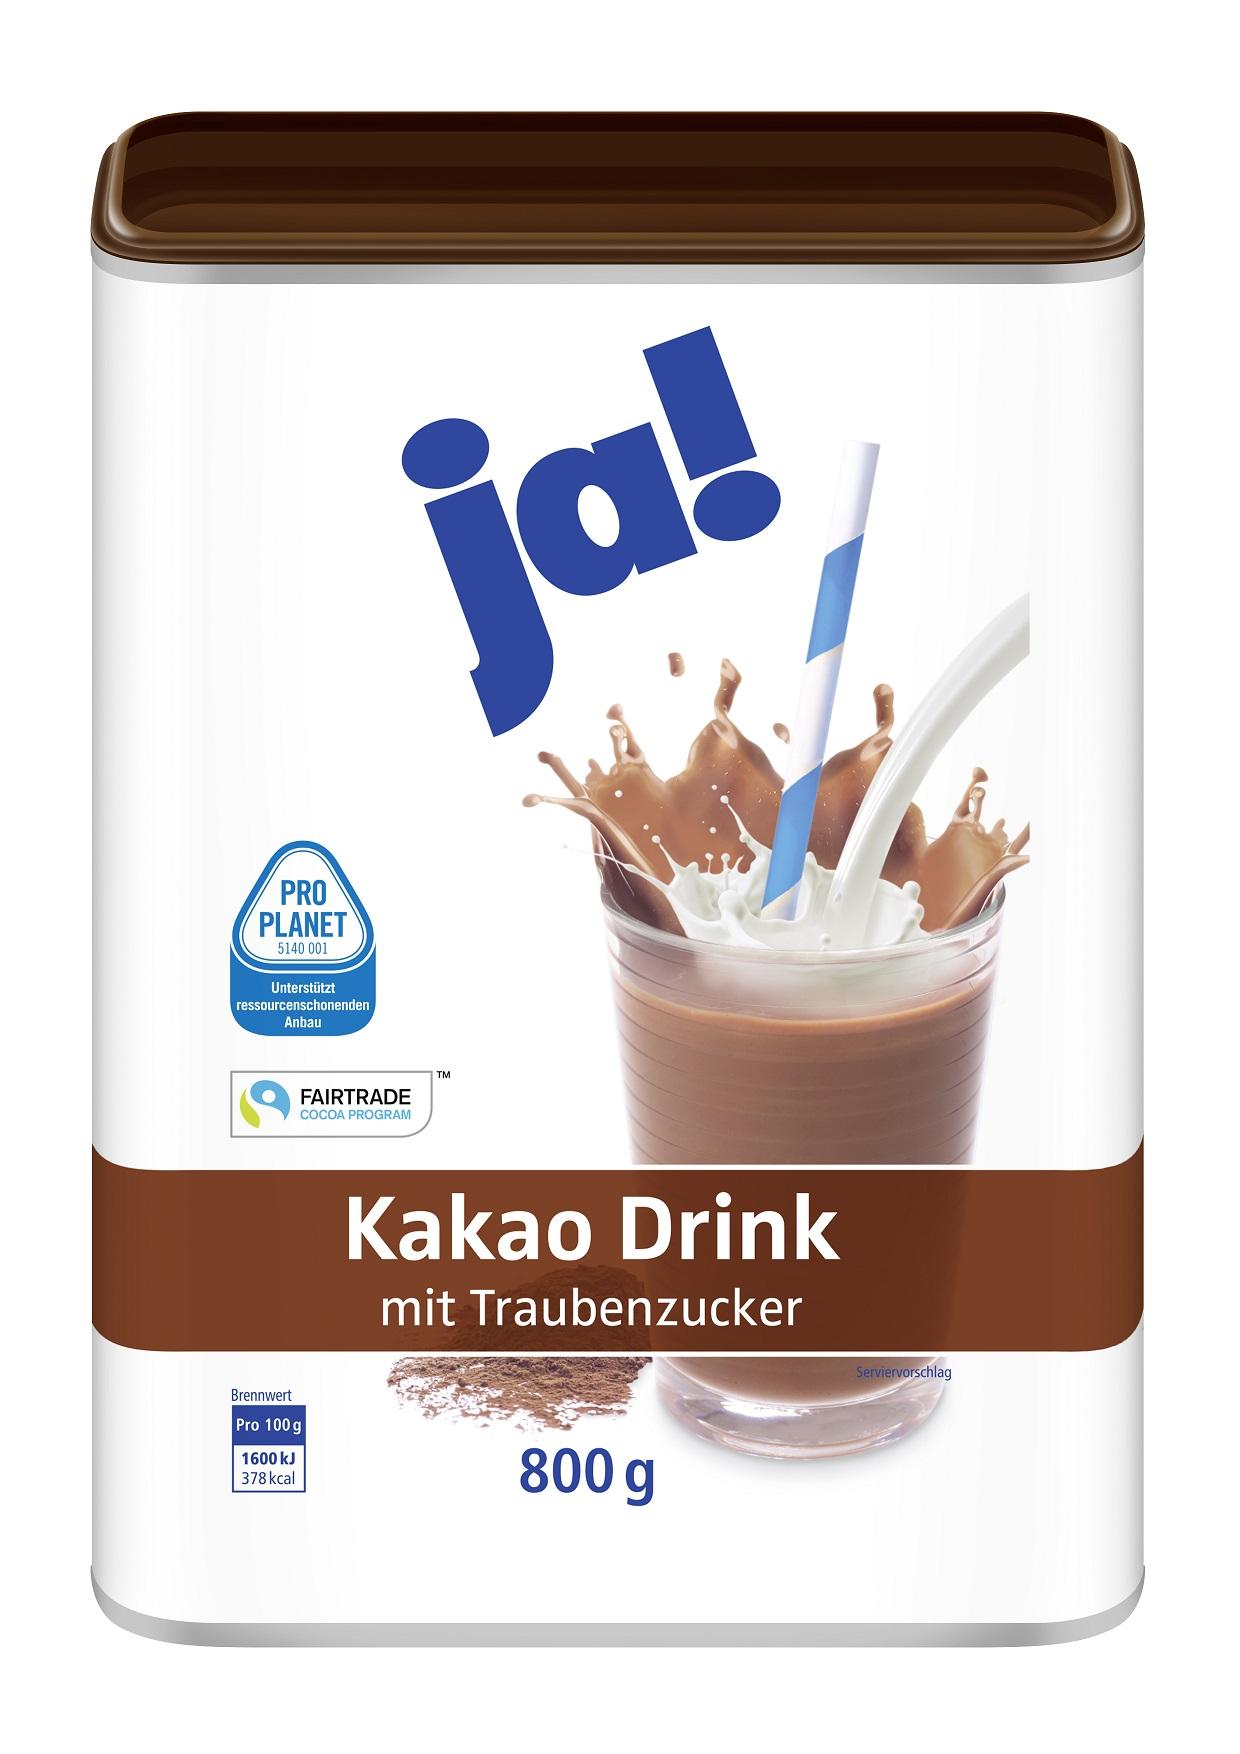 Kakao Drink mit Traubenzucker